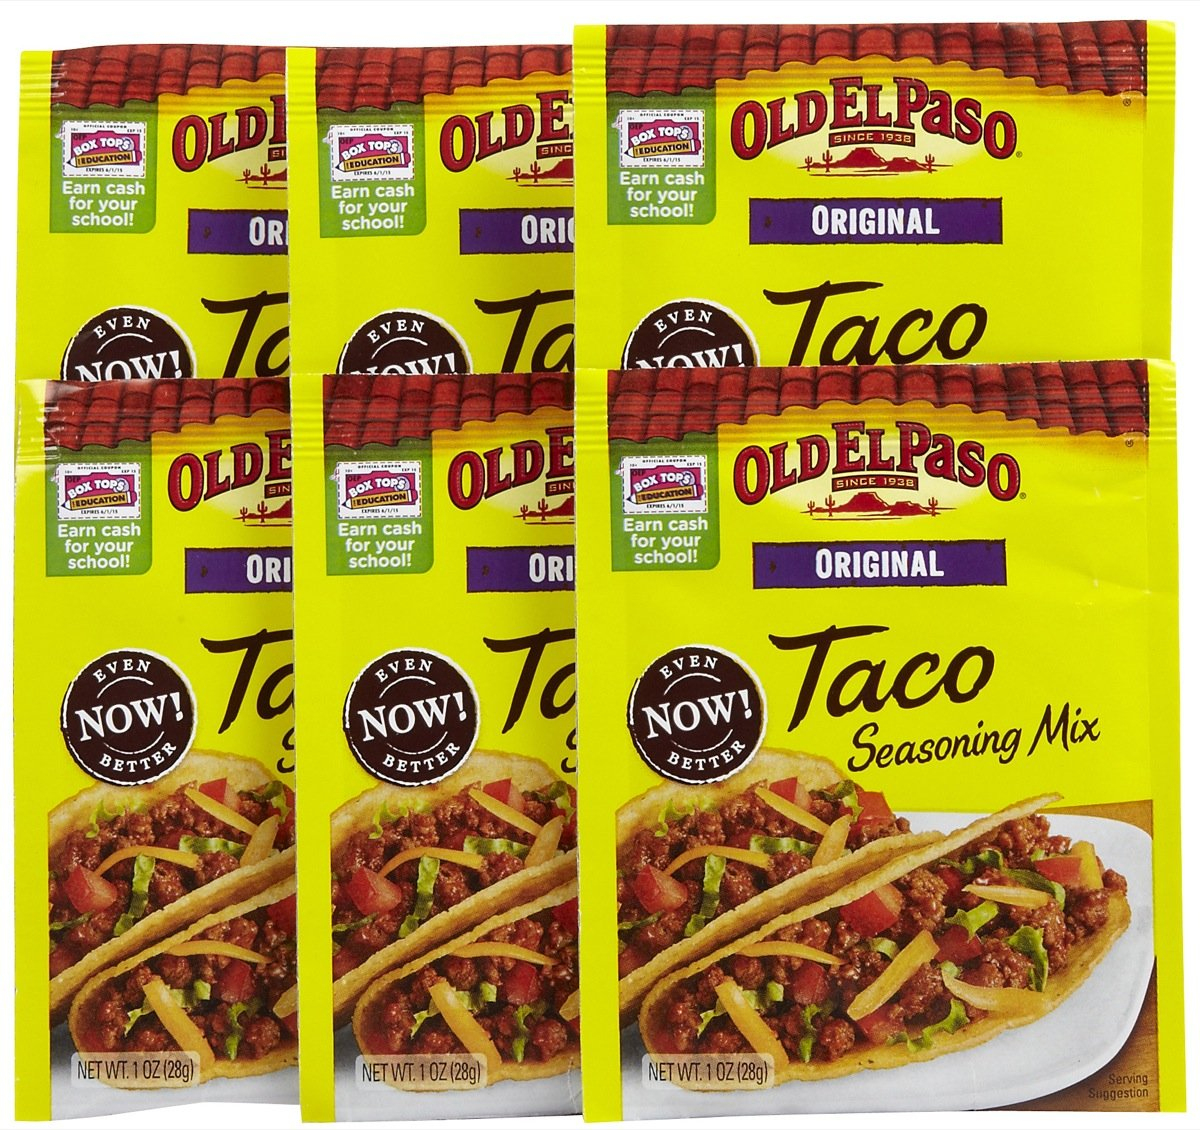 New Old El Paso Coupon - Free Taco Seasoning At Many Stores - Ftm - Free Printable Old El Paso Coupons